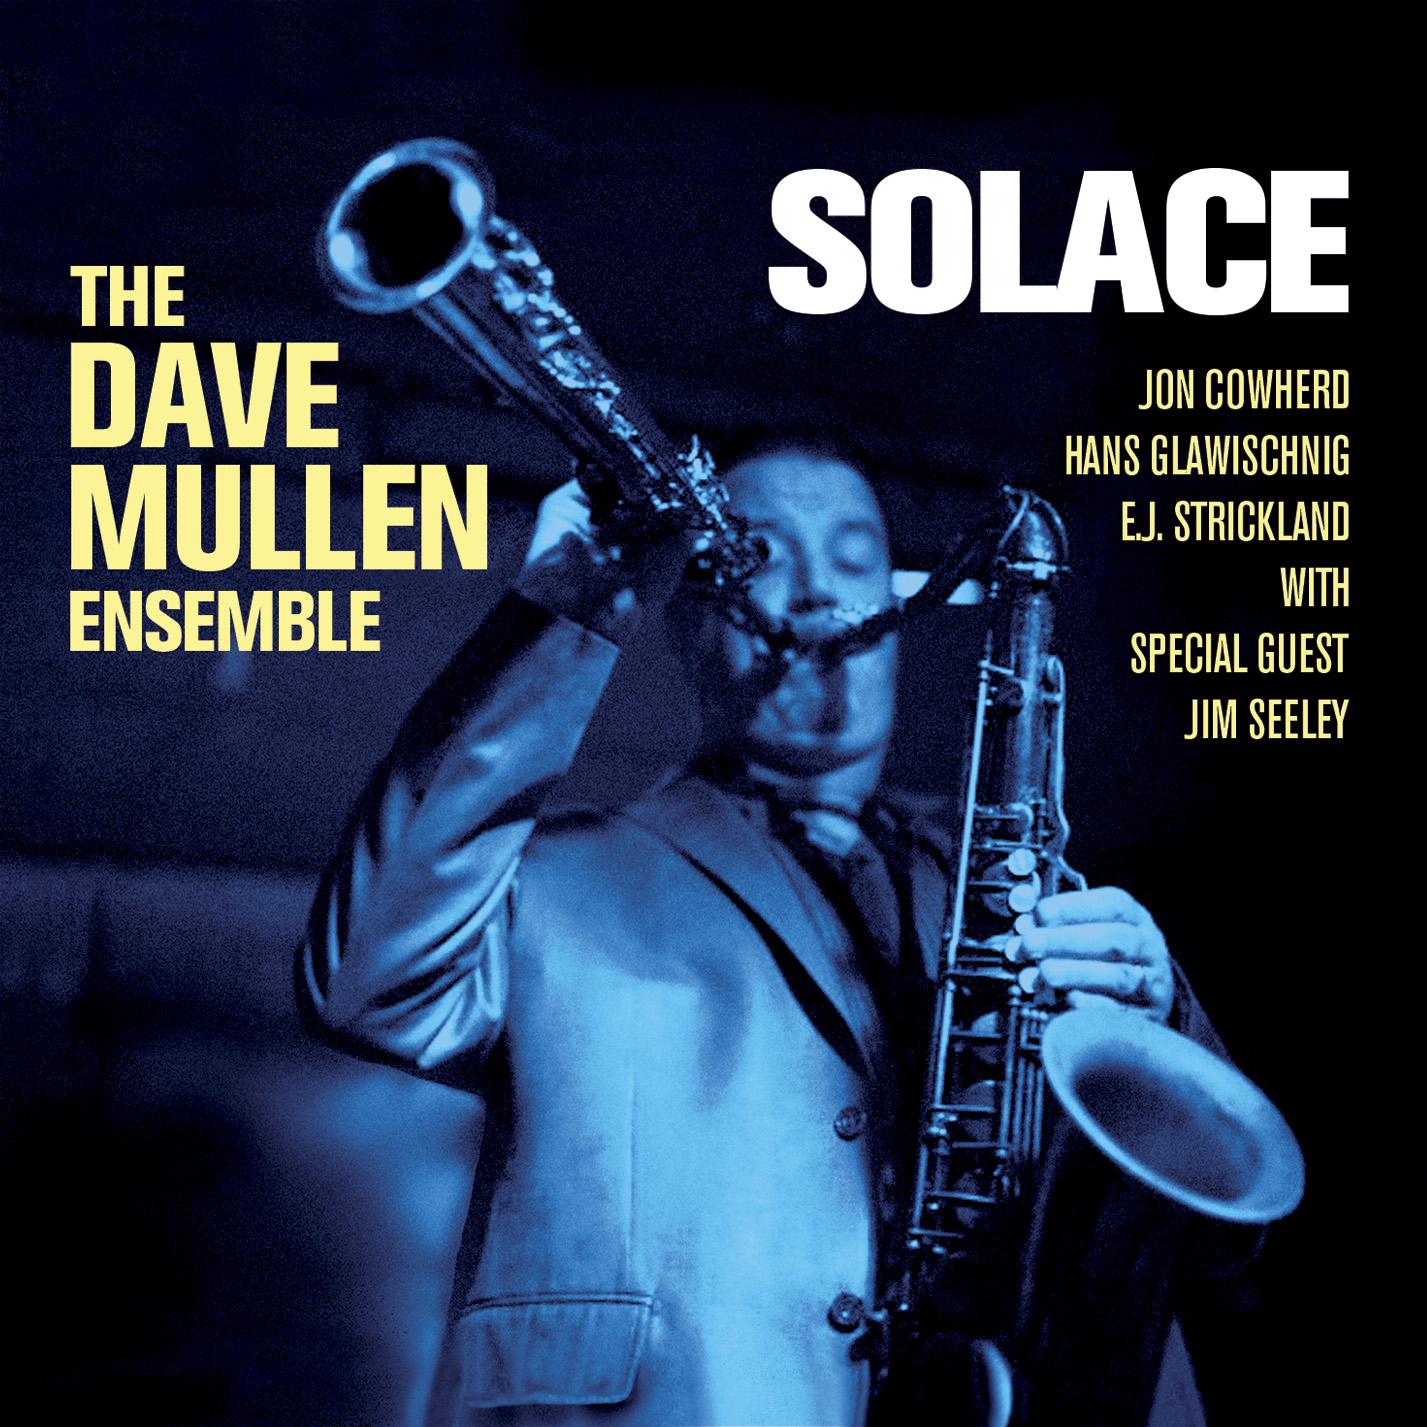 The Dave Mullen Ensemble Solace Album Artwork